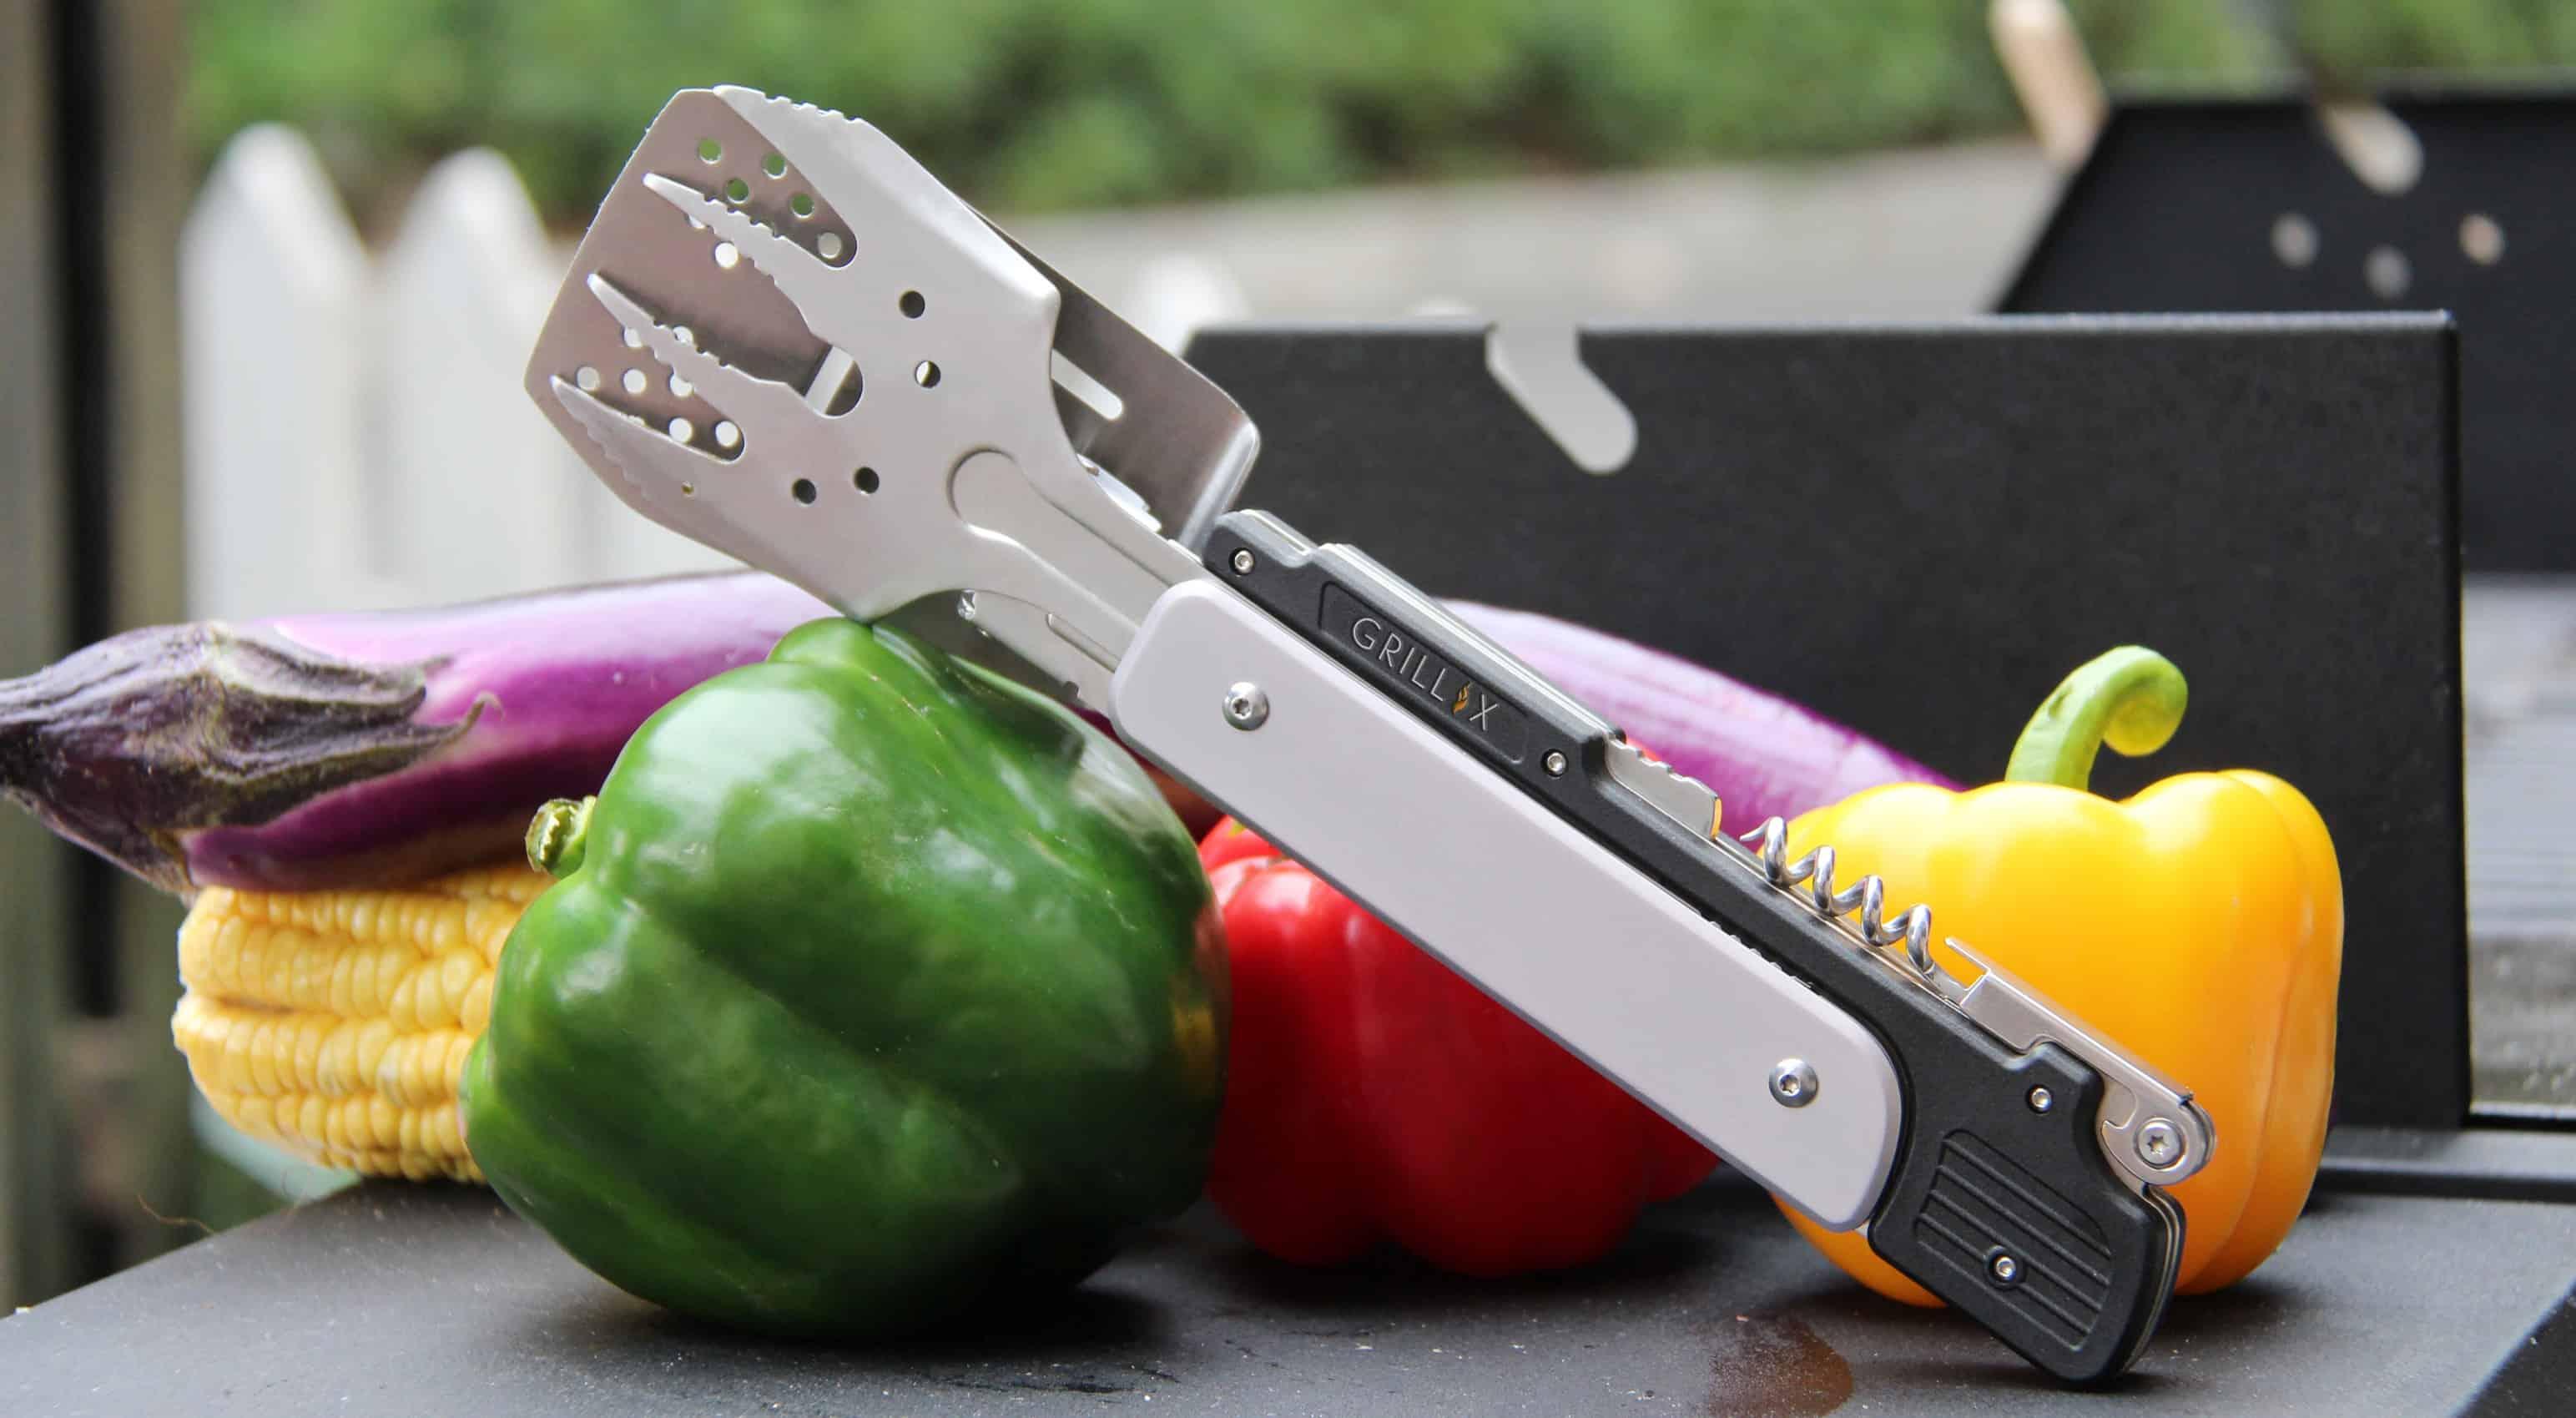 Grillix Multi Grill & BBQ tool